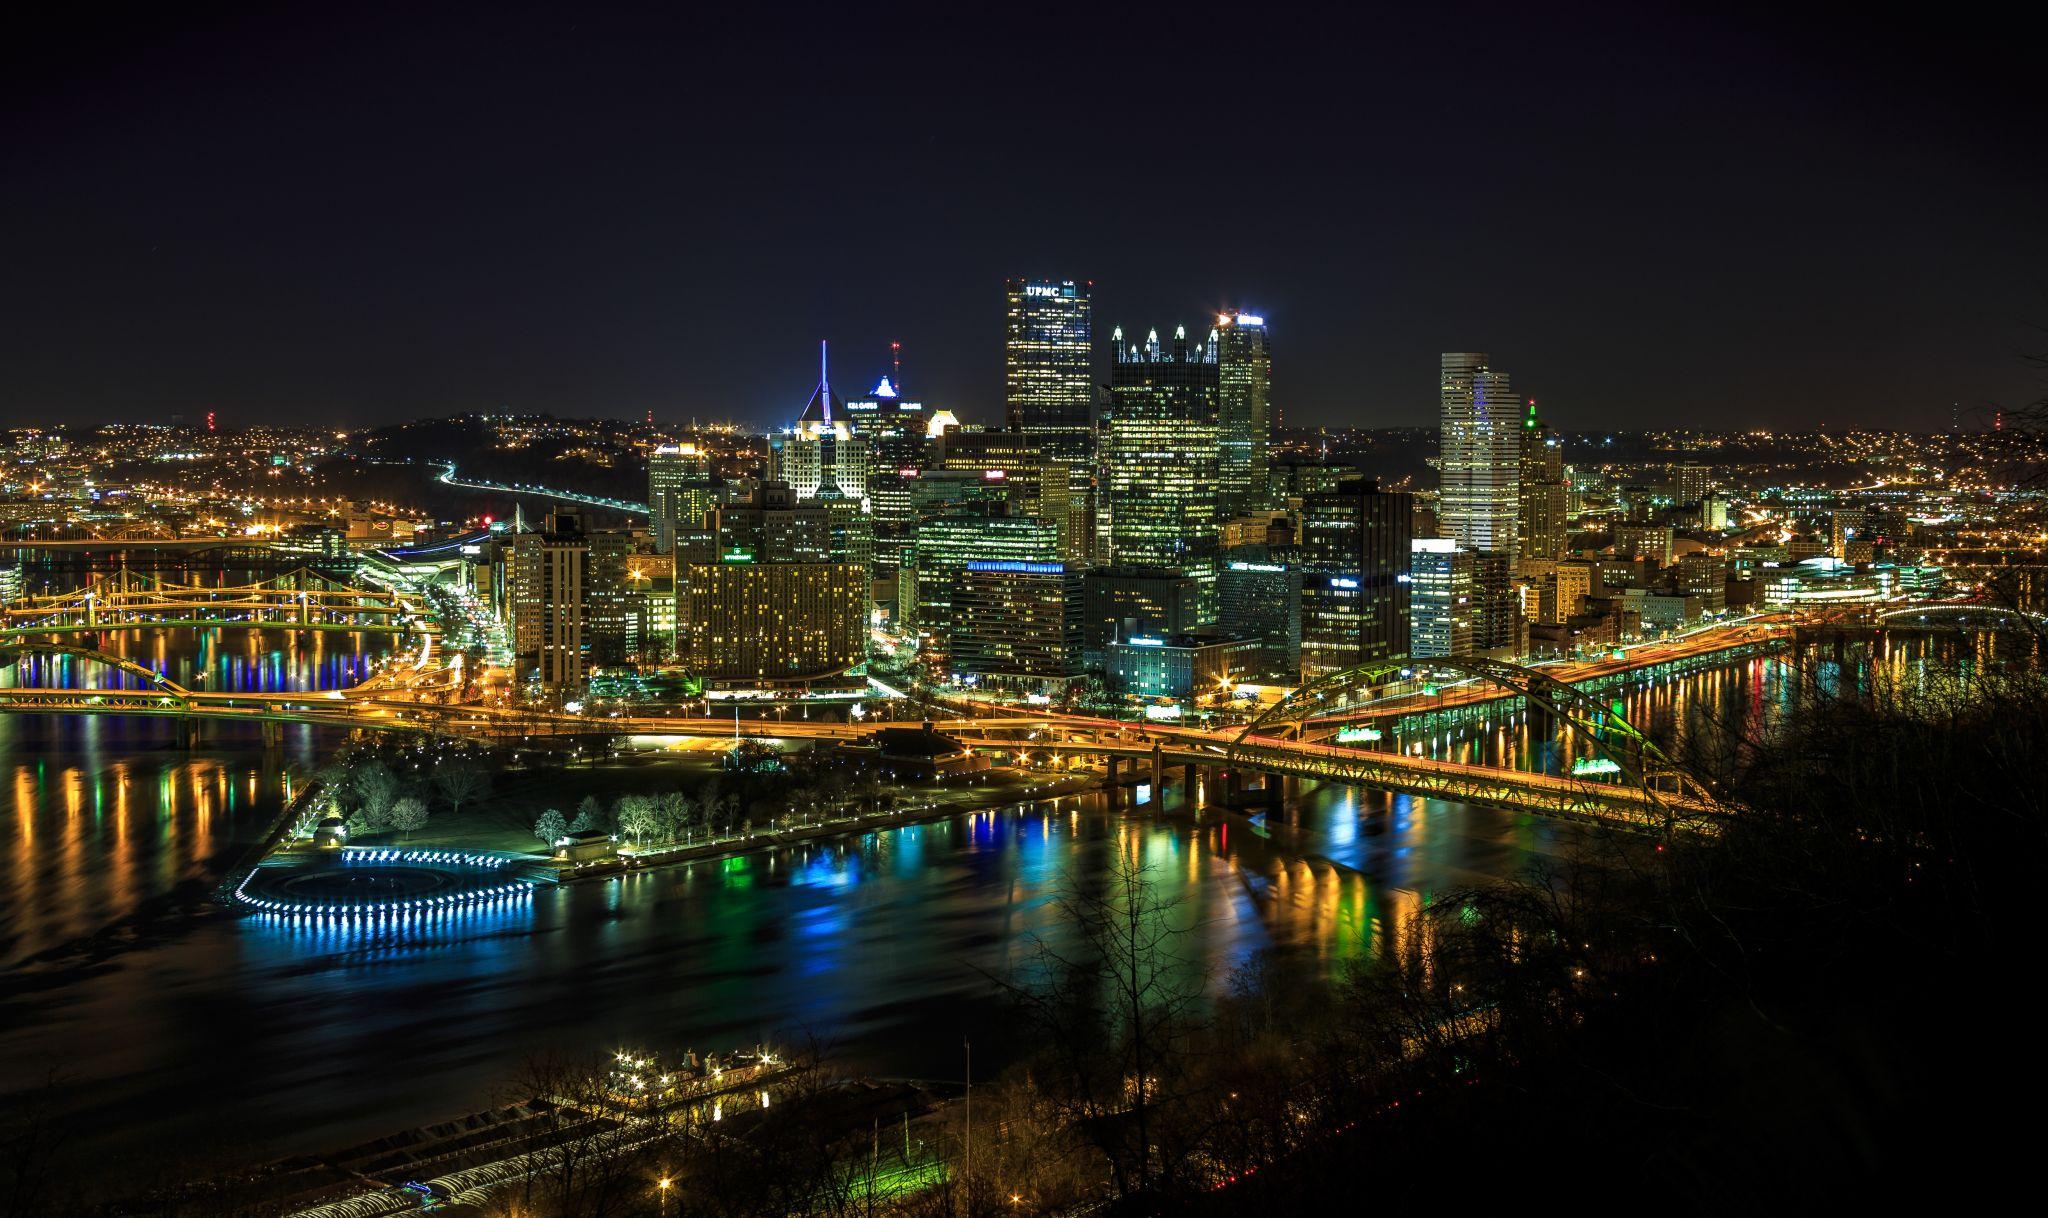 Pittsburgh Downtown, USA